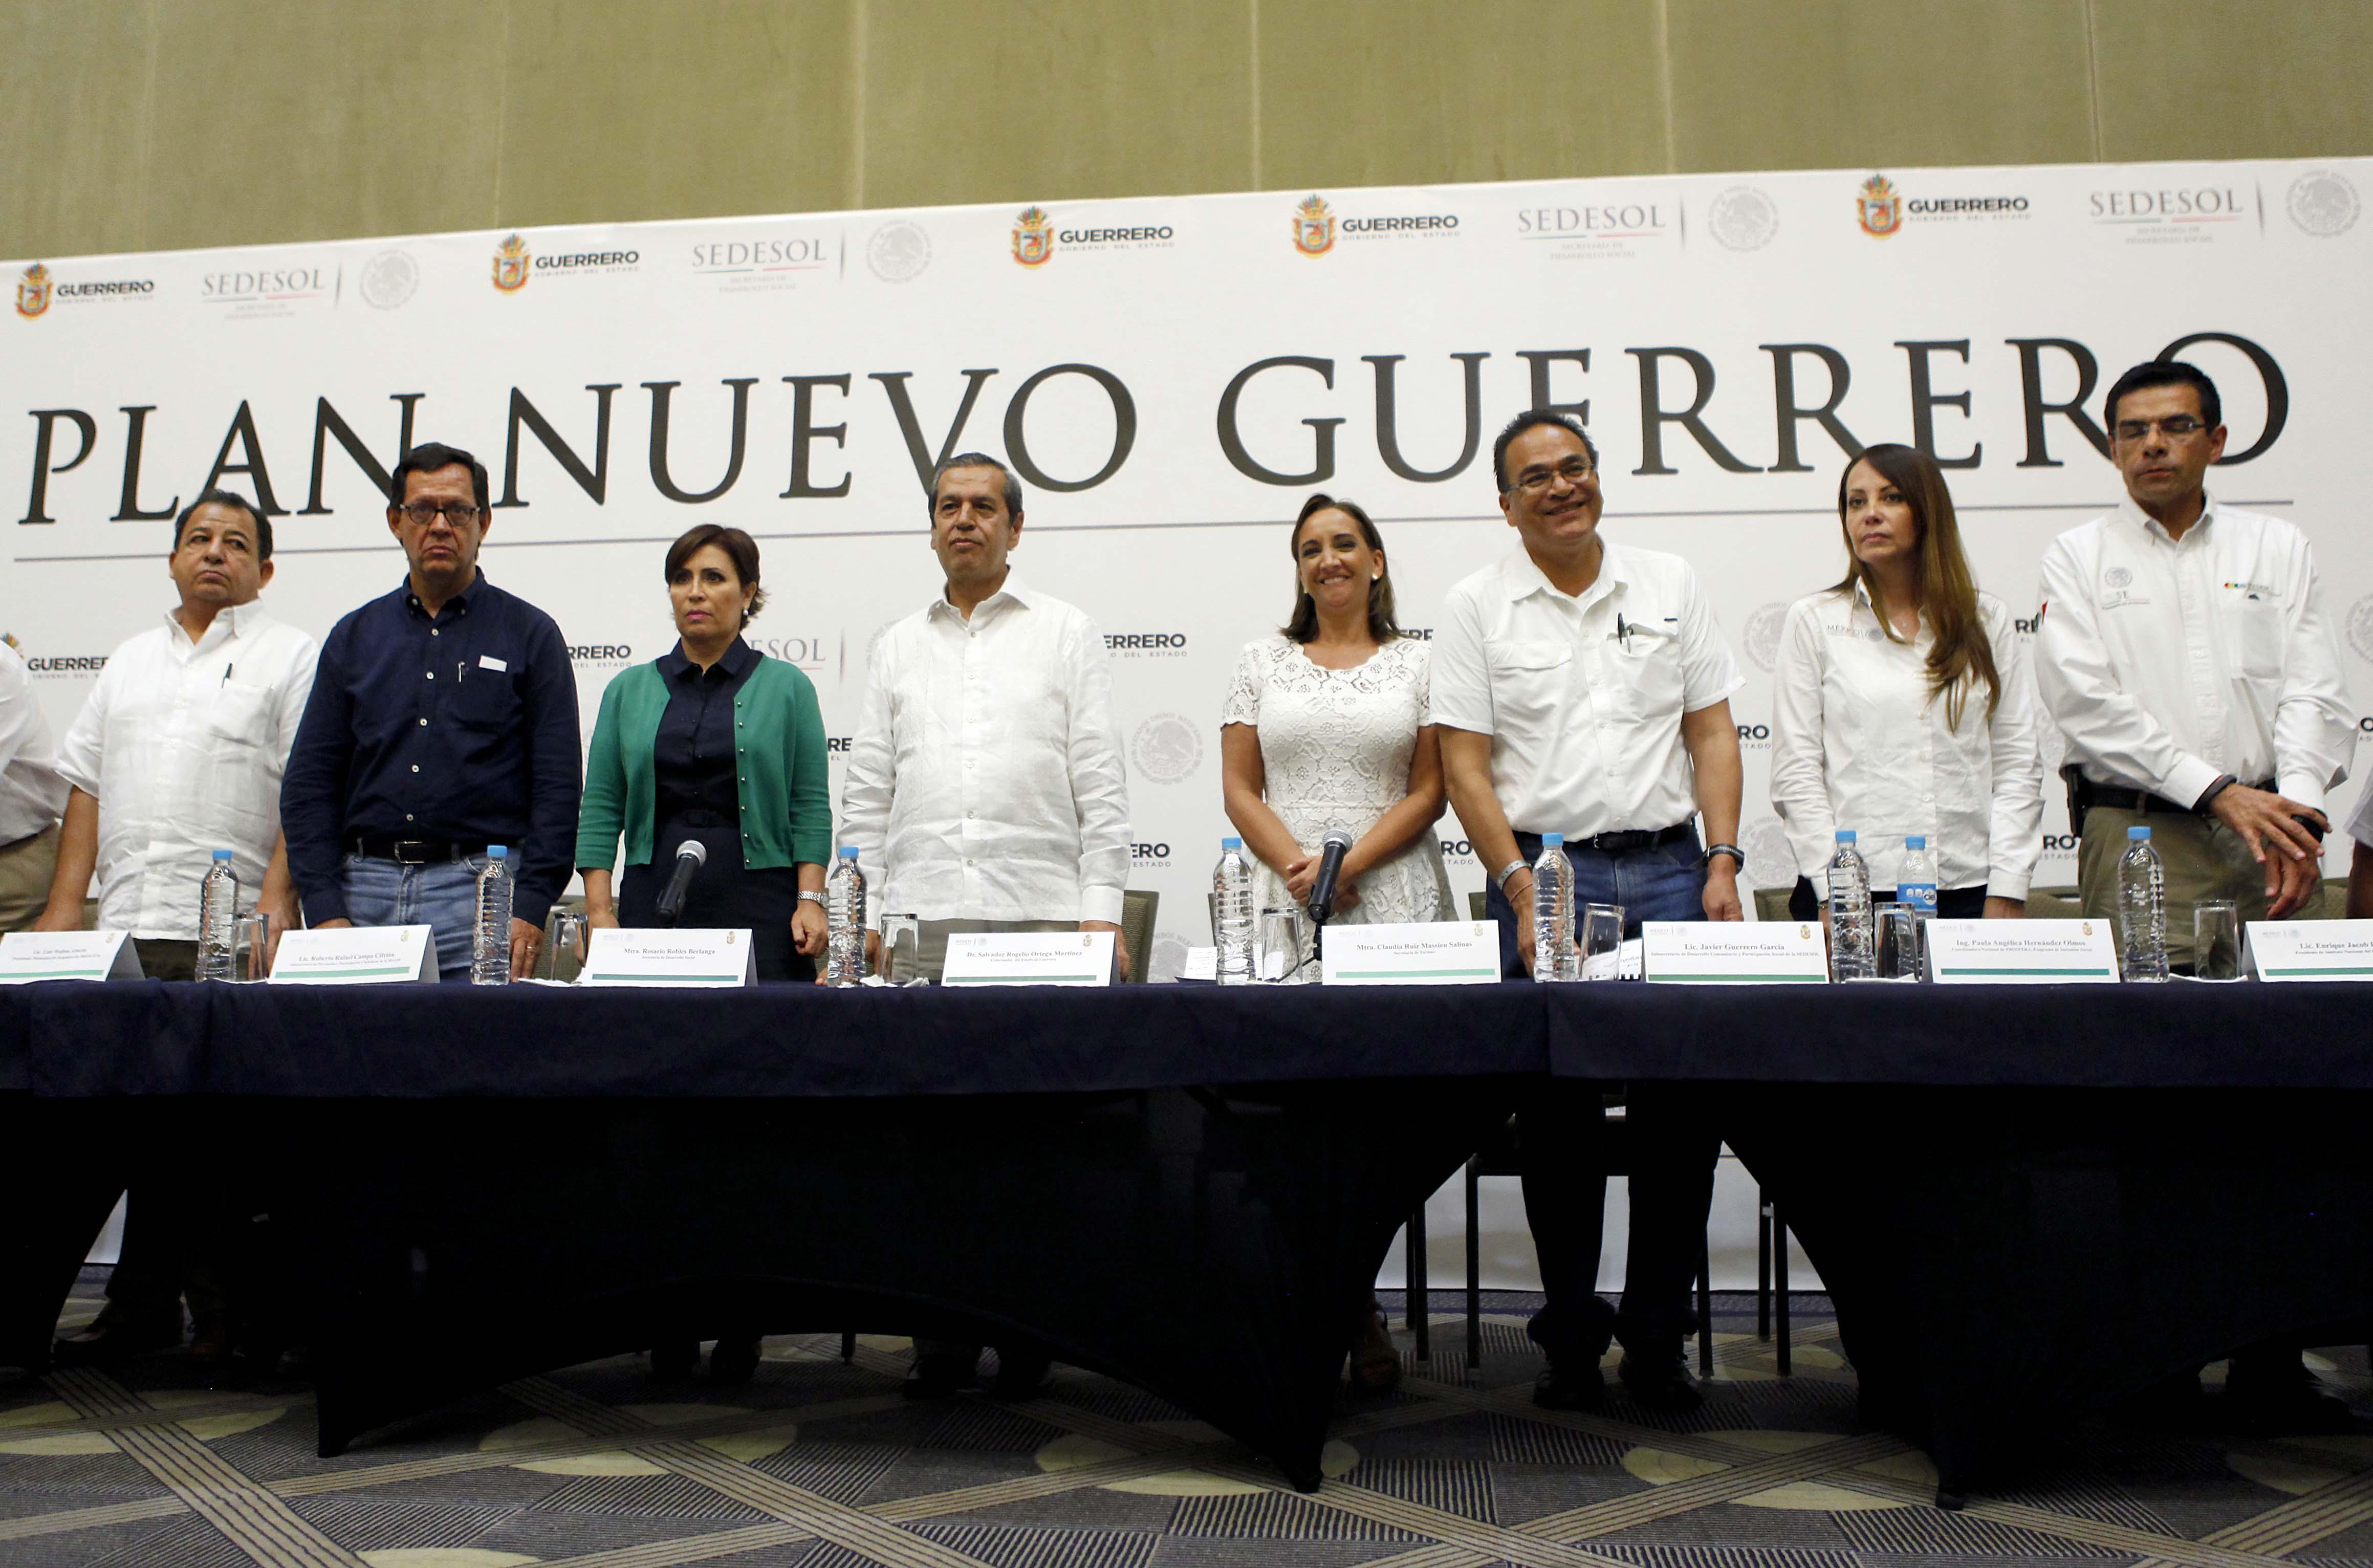 En SEDESOL anuncian Plan Emergente para Reactivar la Economía del estado de Guerrero.